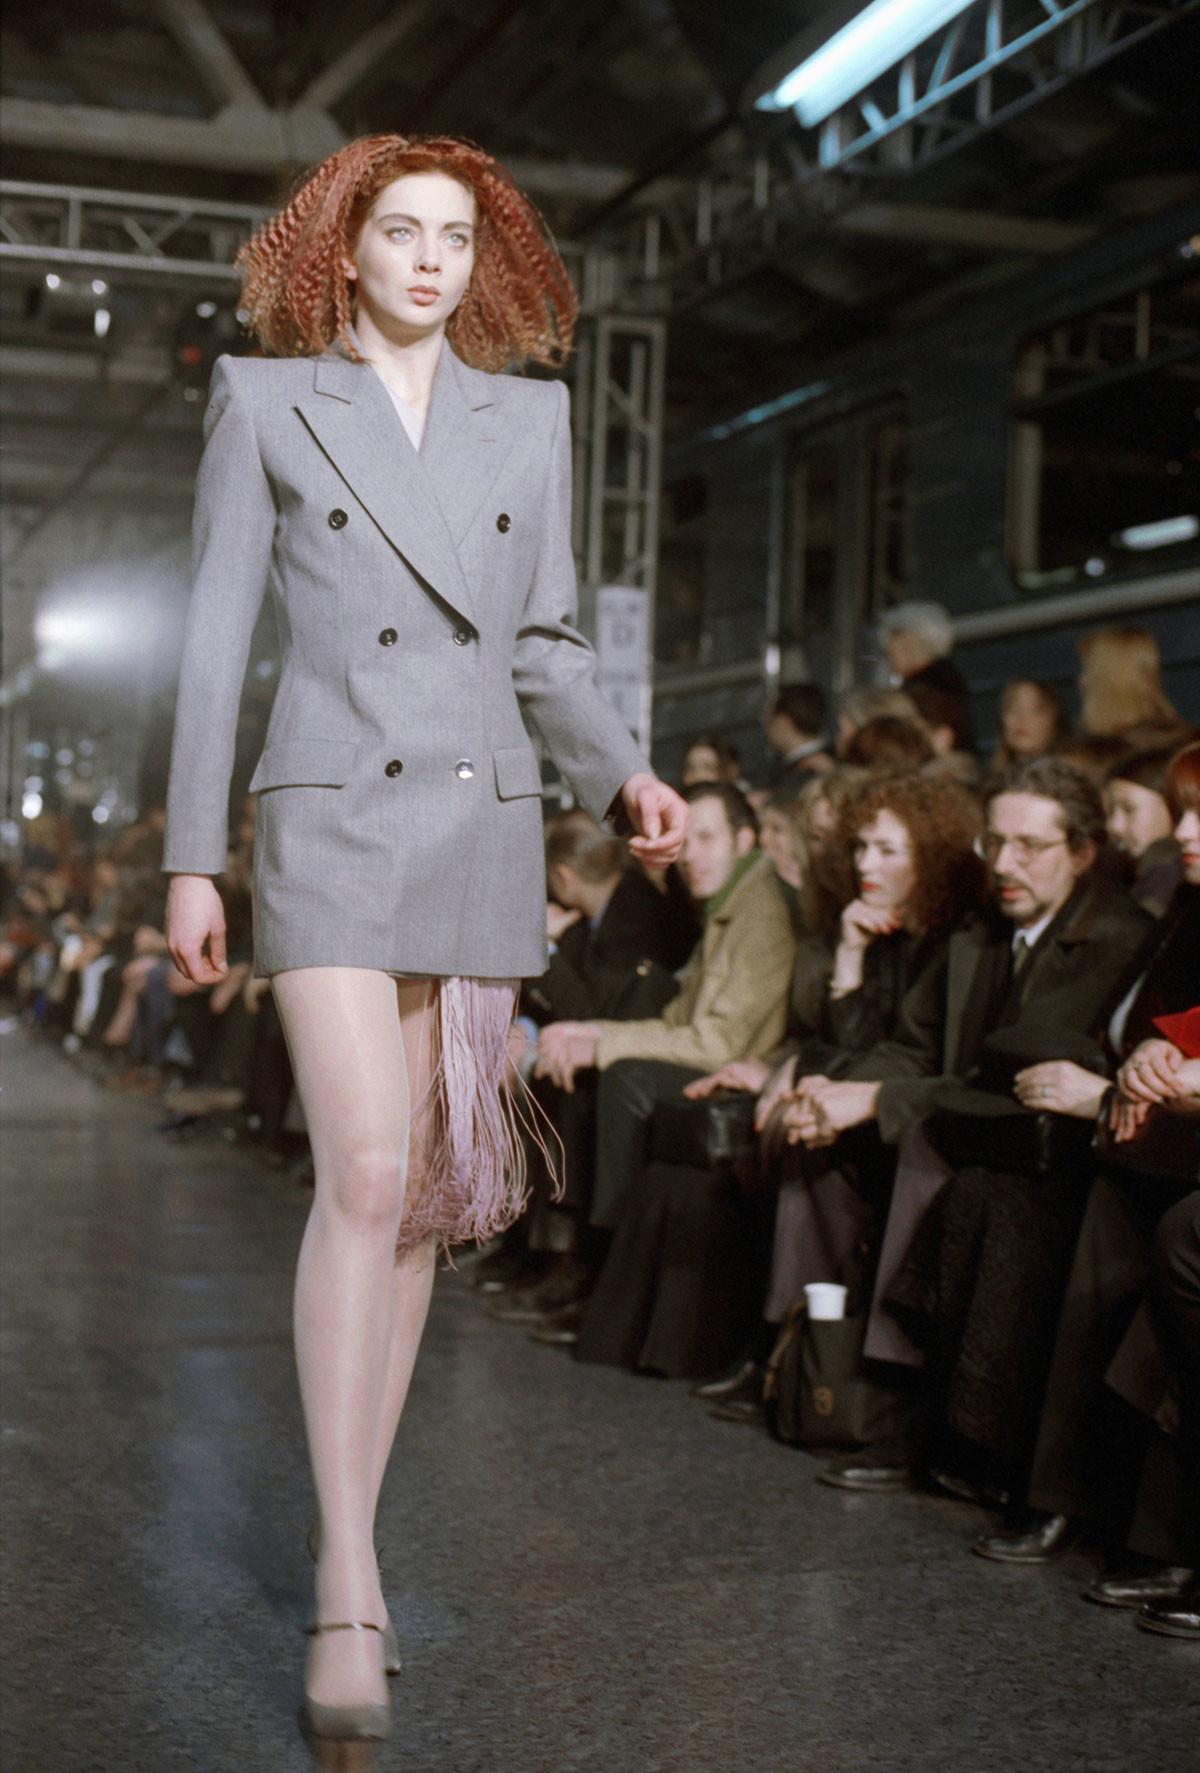 La sfilata di Givenchy in un deposito della stazione Sokol